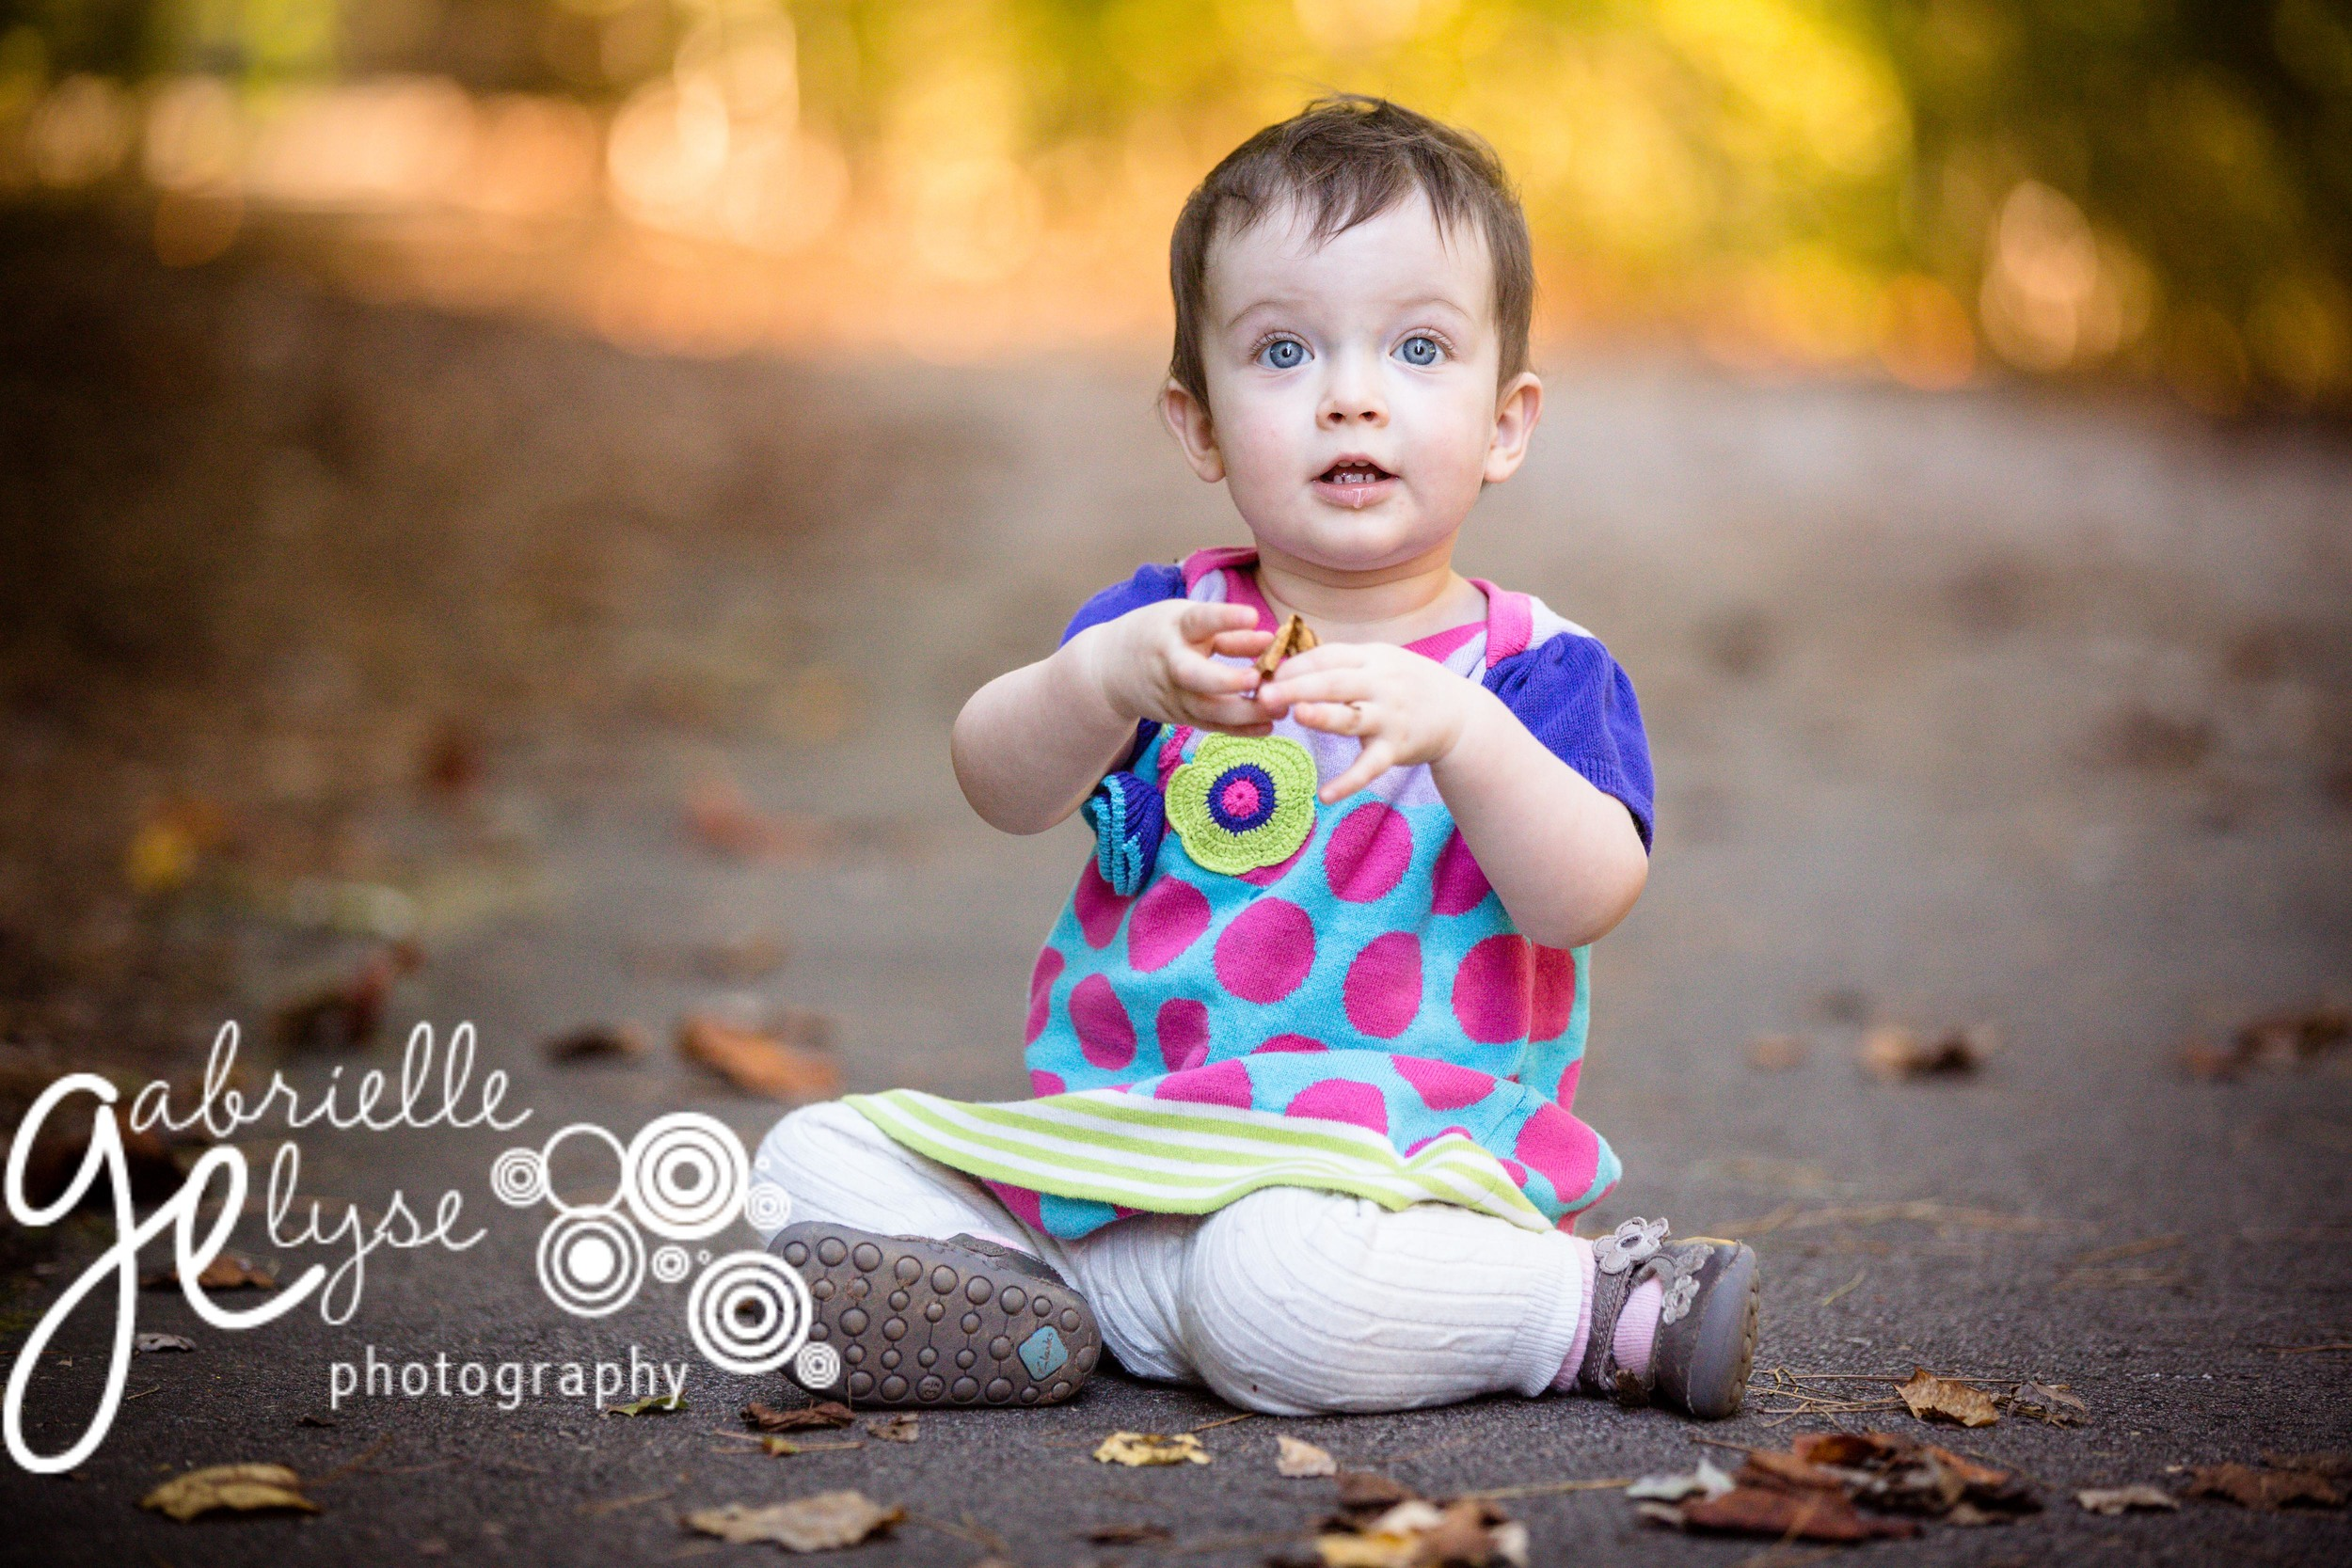 What a cutie!!!